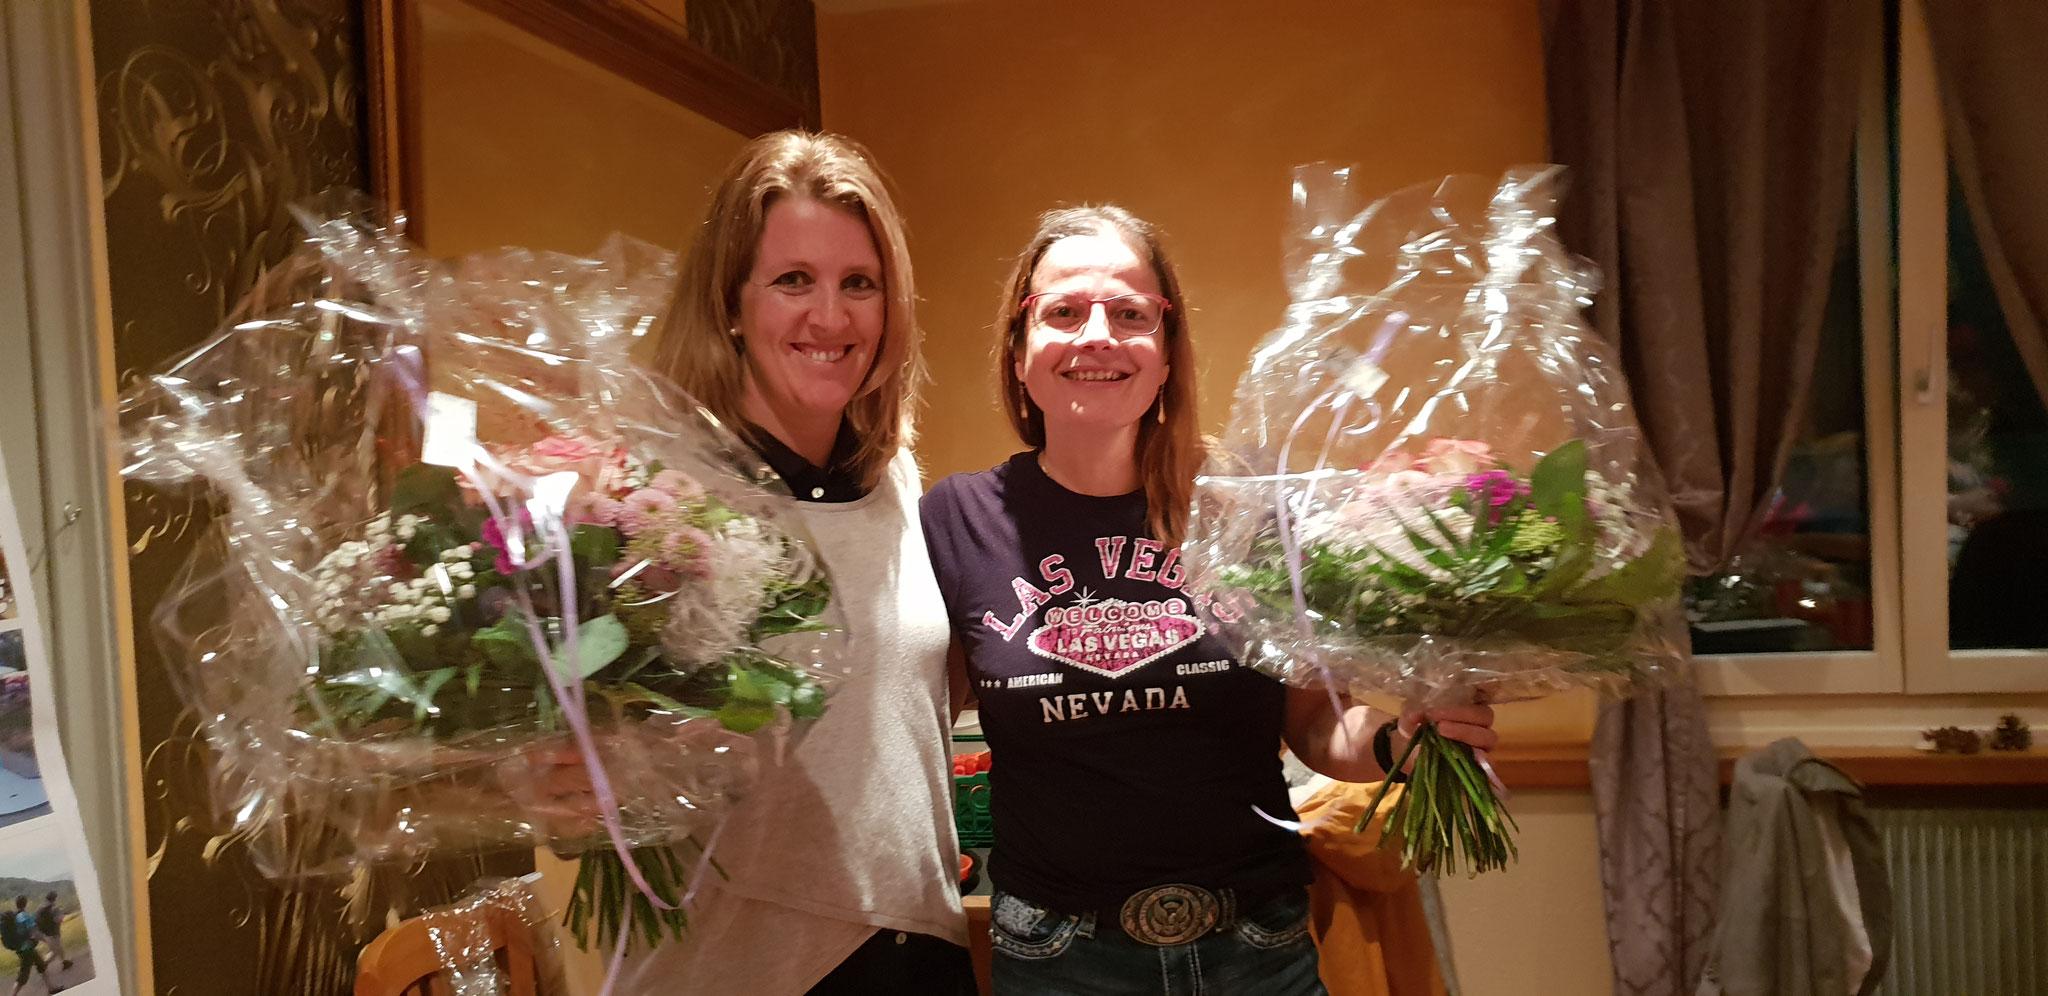 Die Tombola-Frauen bekommen einen wunderschönen Blumenstrauss für ihre Arbeit für die Tombola